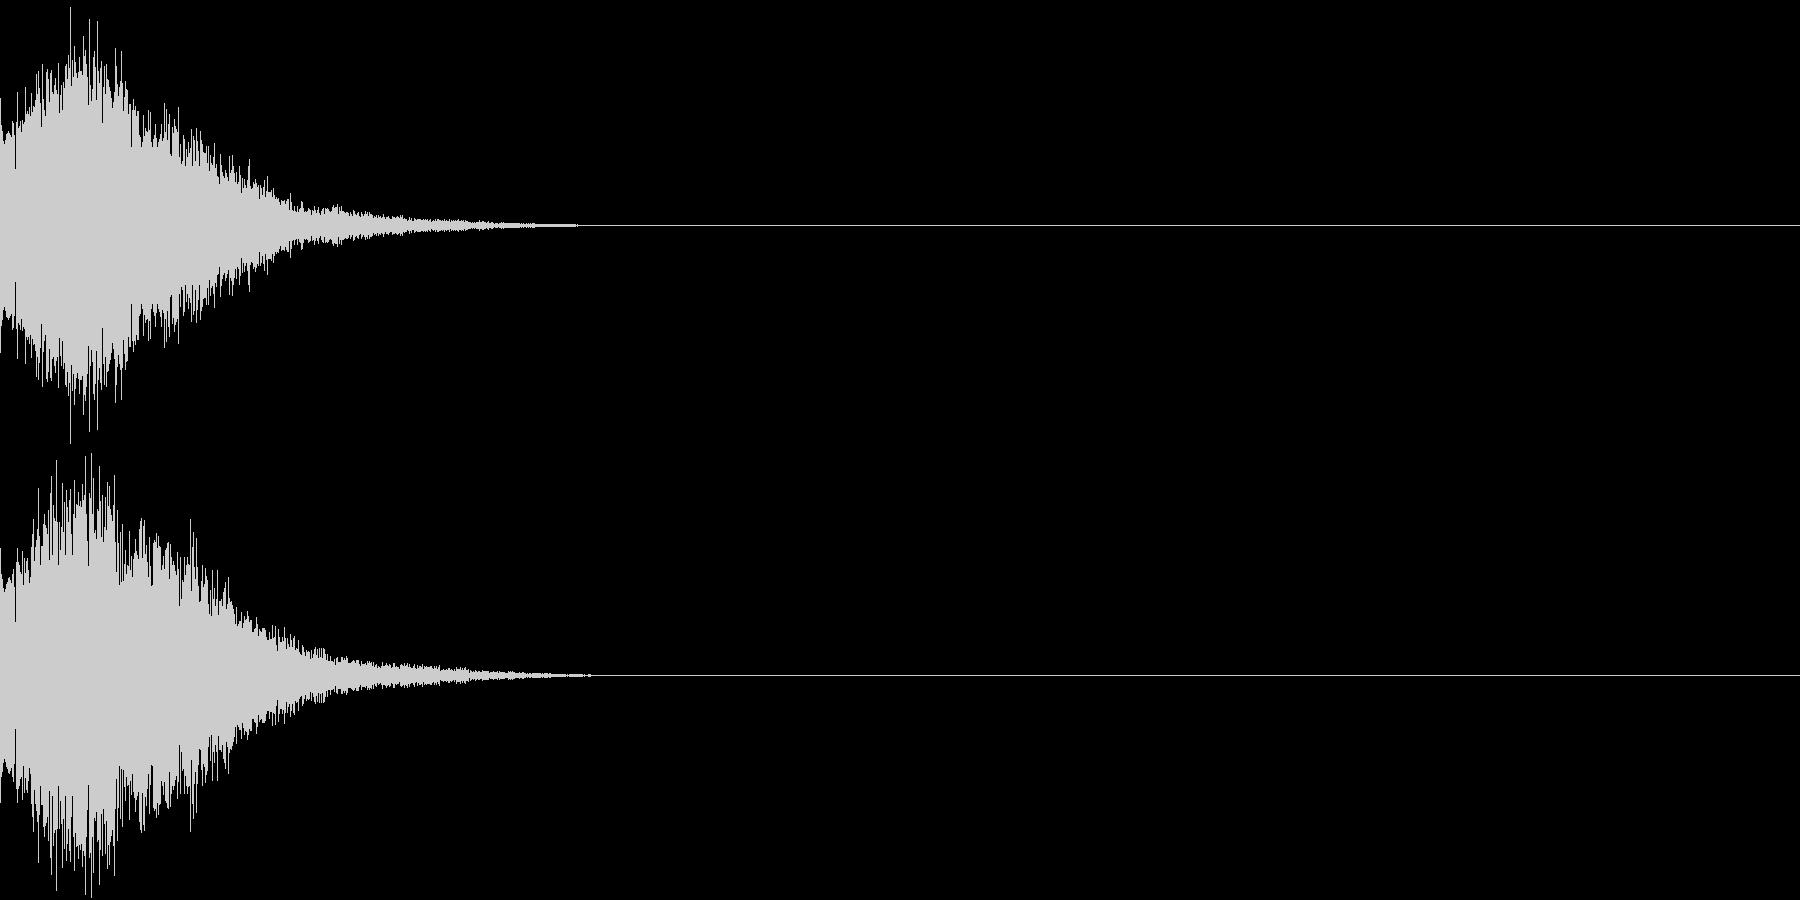 刀 剣 カキーン シャキーン 目立つ15の未再生の波形